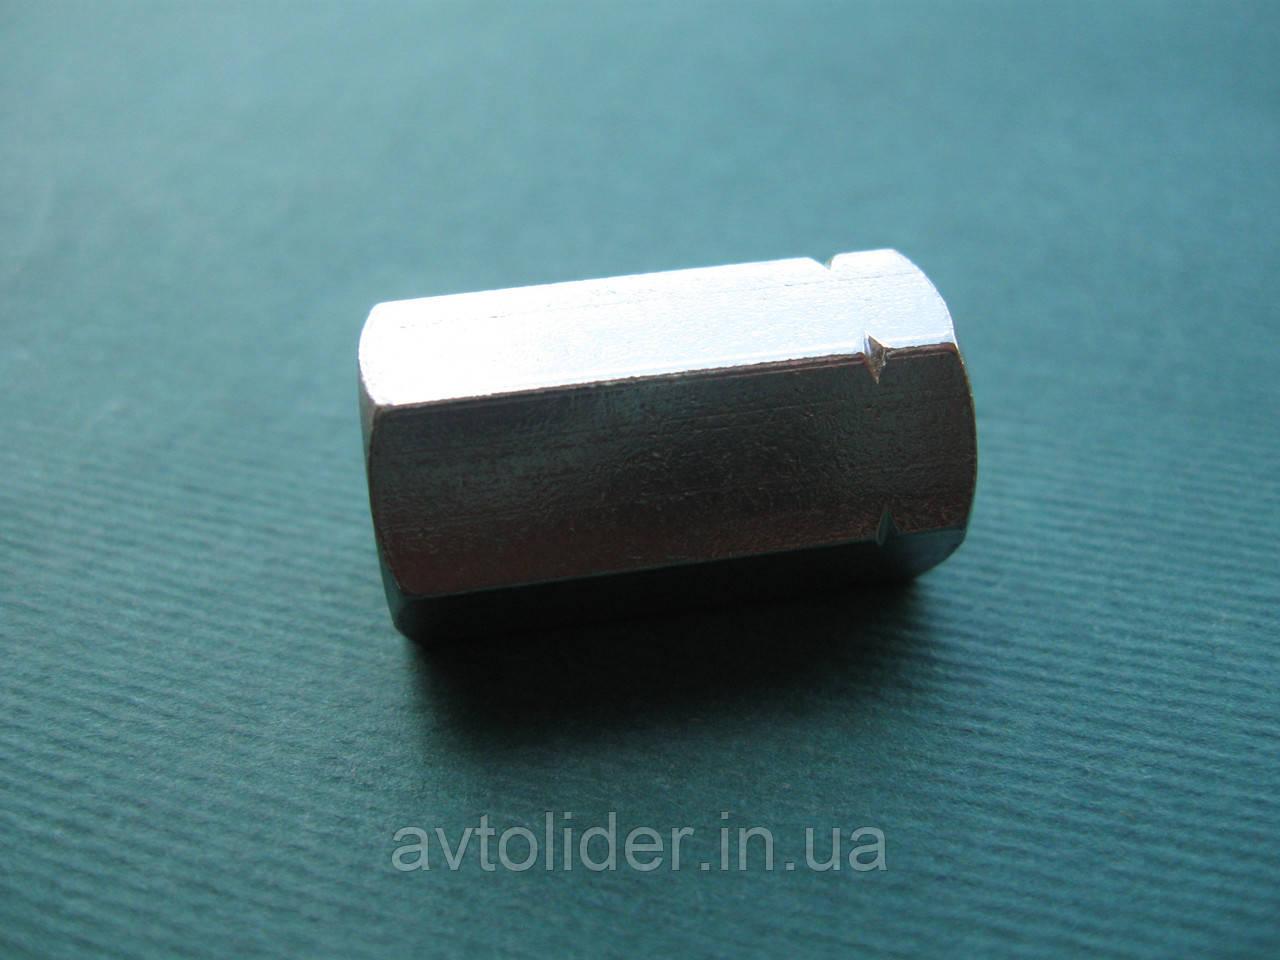 DIN 6334 : нержавеющая гайка соединительная (длина 3d)